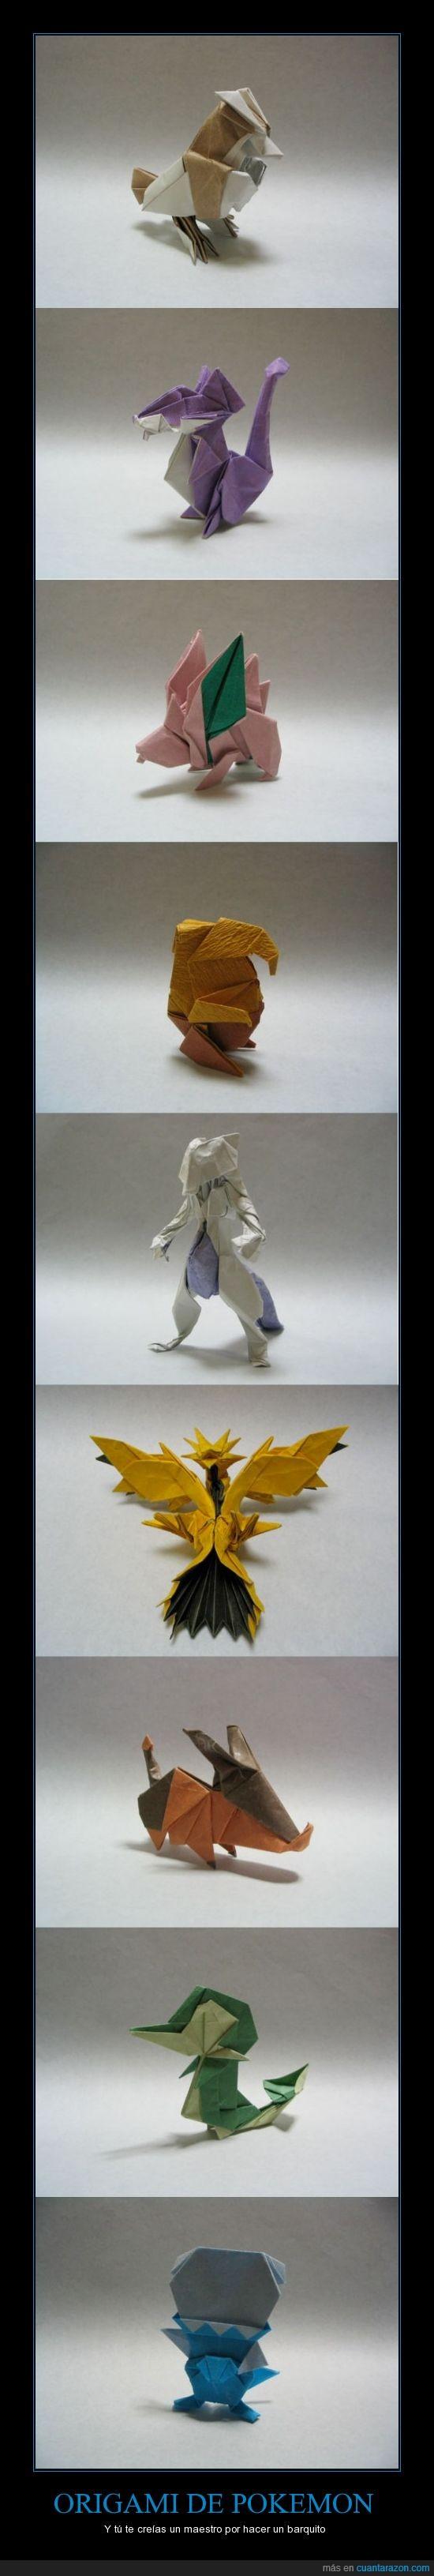 origami,papiroflexia,pidgeon,pokemon,ratata